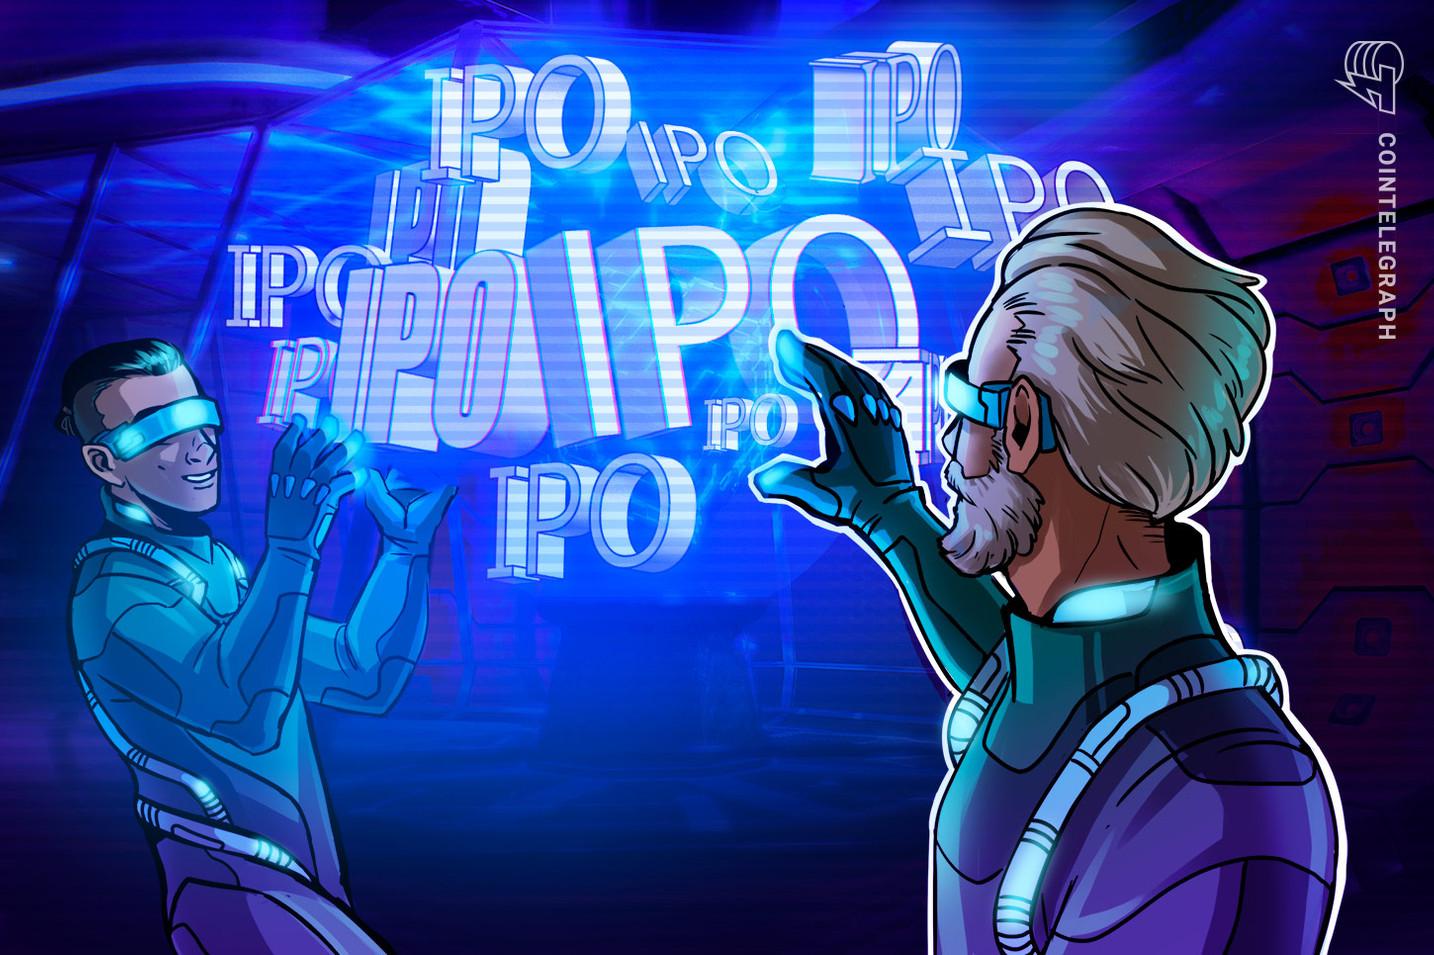 IPOs y ICOs: ¿Tiene sentido un IPO para una criptoempresa?